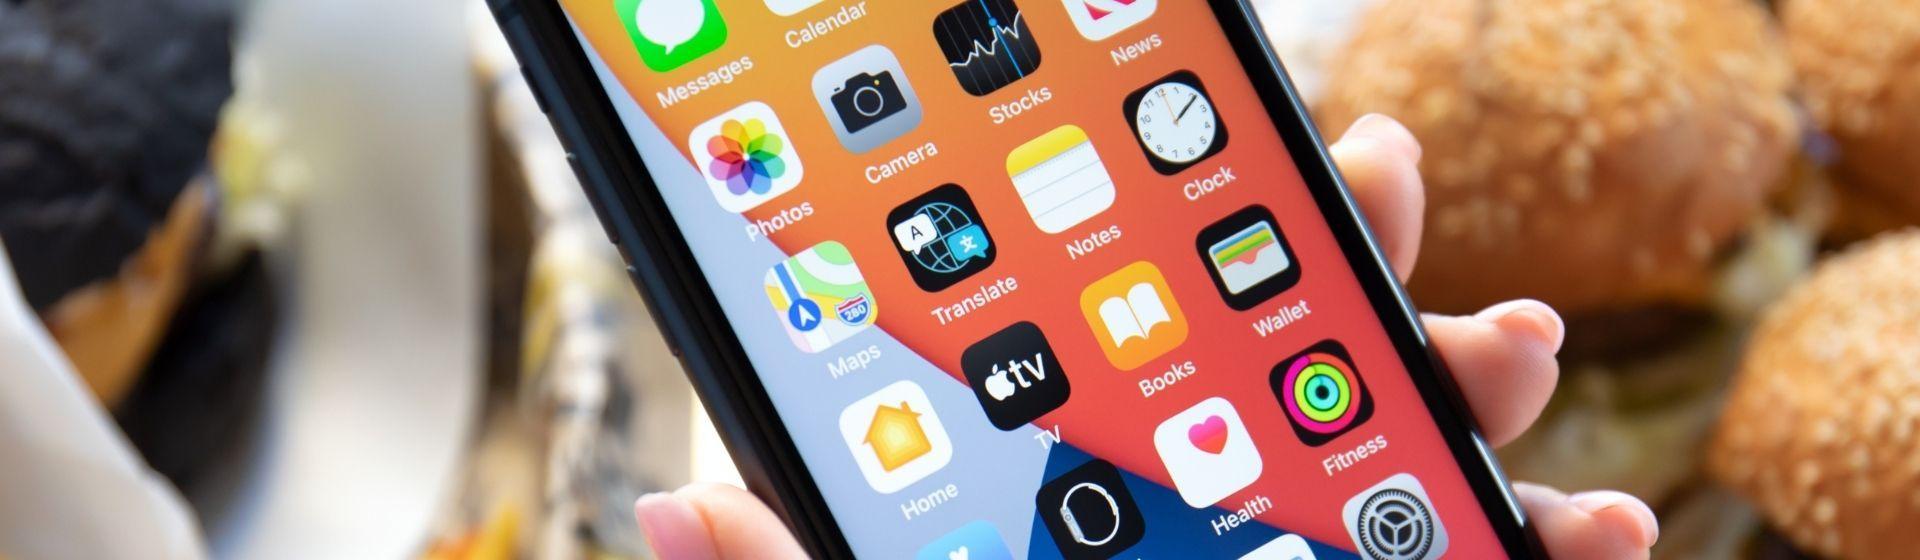 iPhone 13 deve contar com bateria maior e notch menor